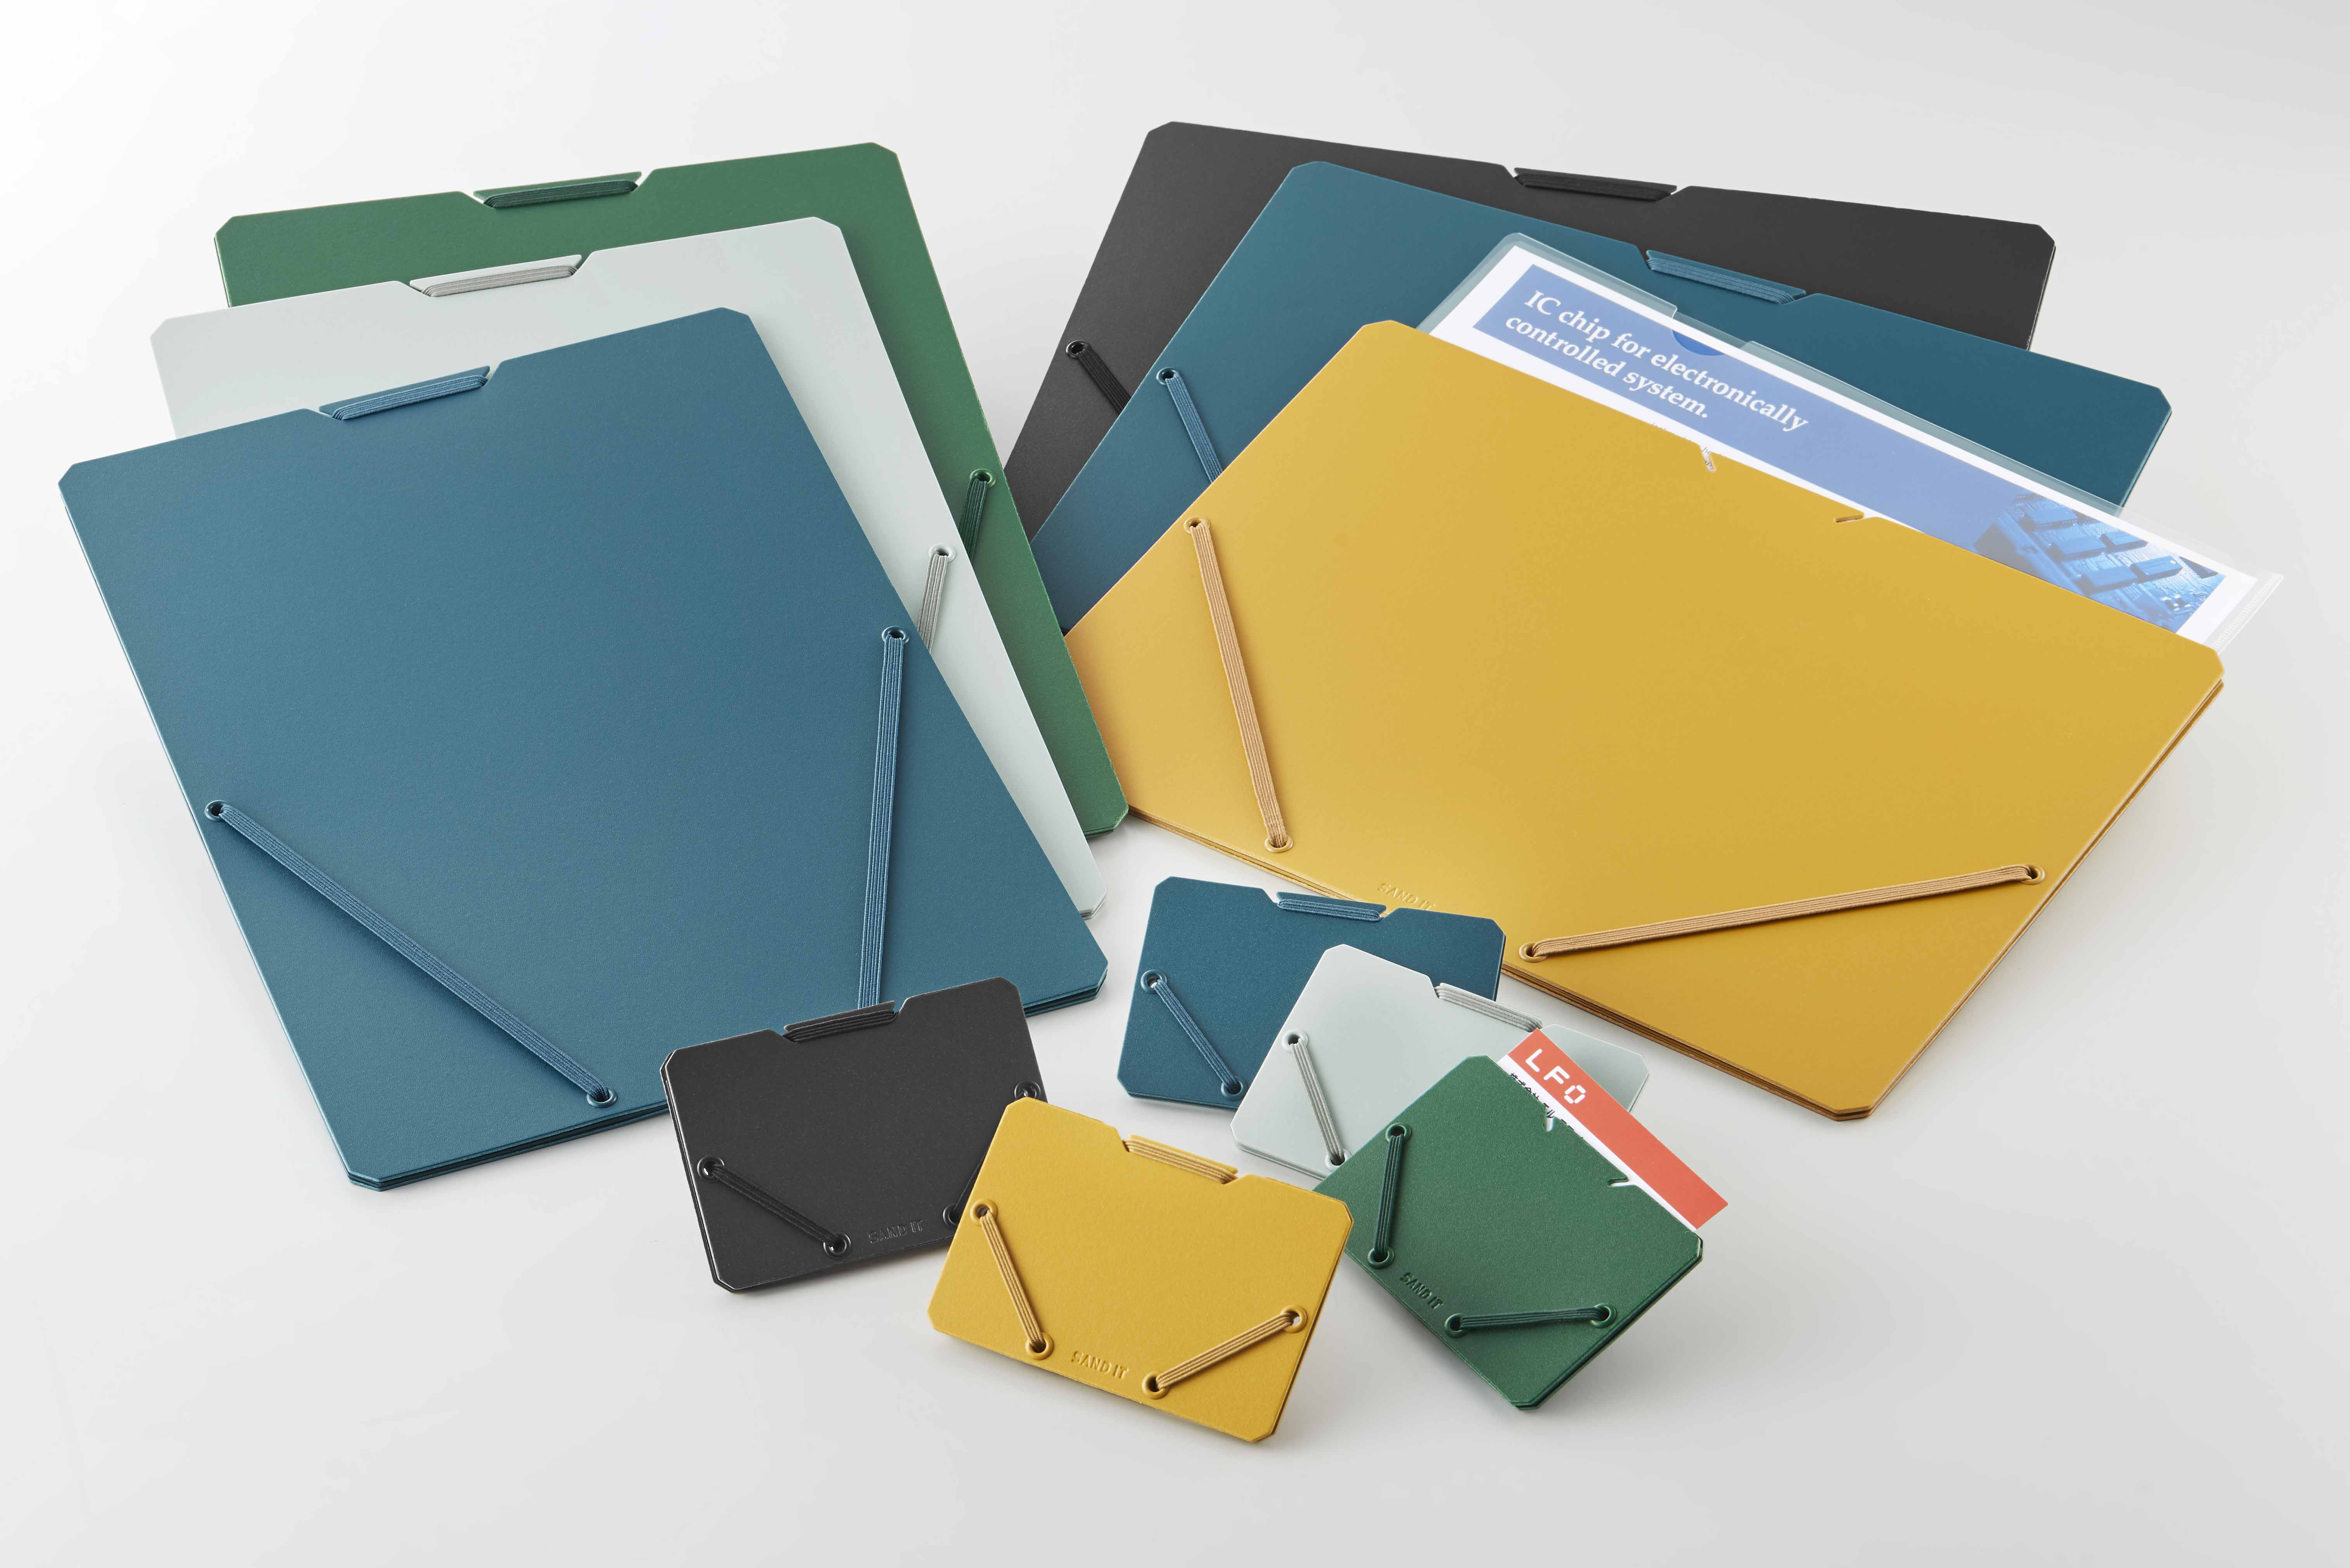 ゴムの伸縮で最適な厚さになるドキュメントホルダー、カードホルダー「SAND IT(サンドイット)」発売